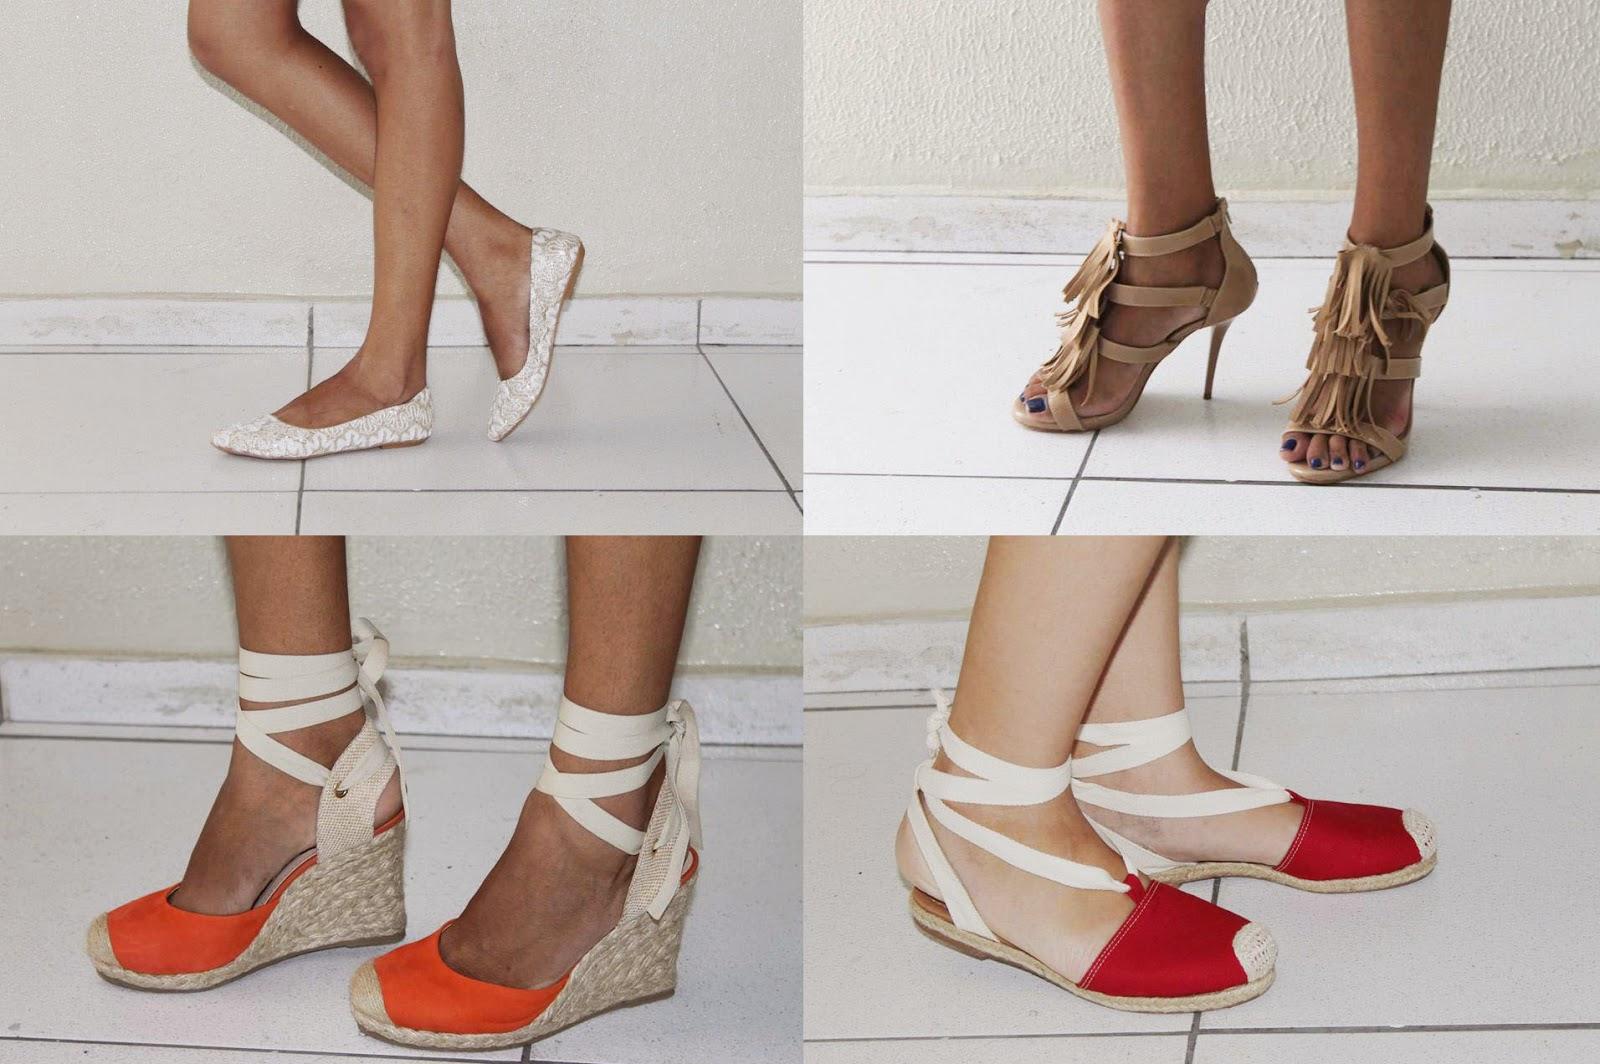 http://invencaopink.blogspot.com.br/2015/02/sapatos-shoes-e-projeto-brand.html